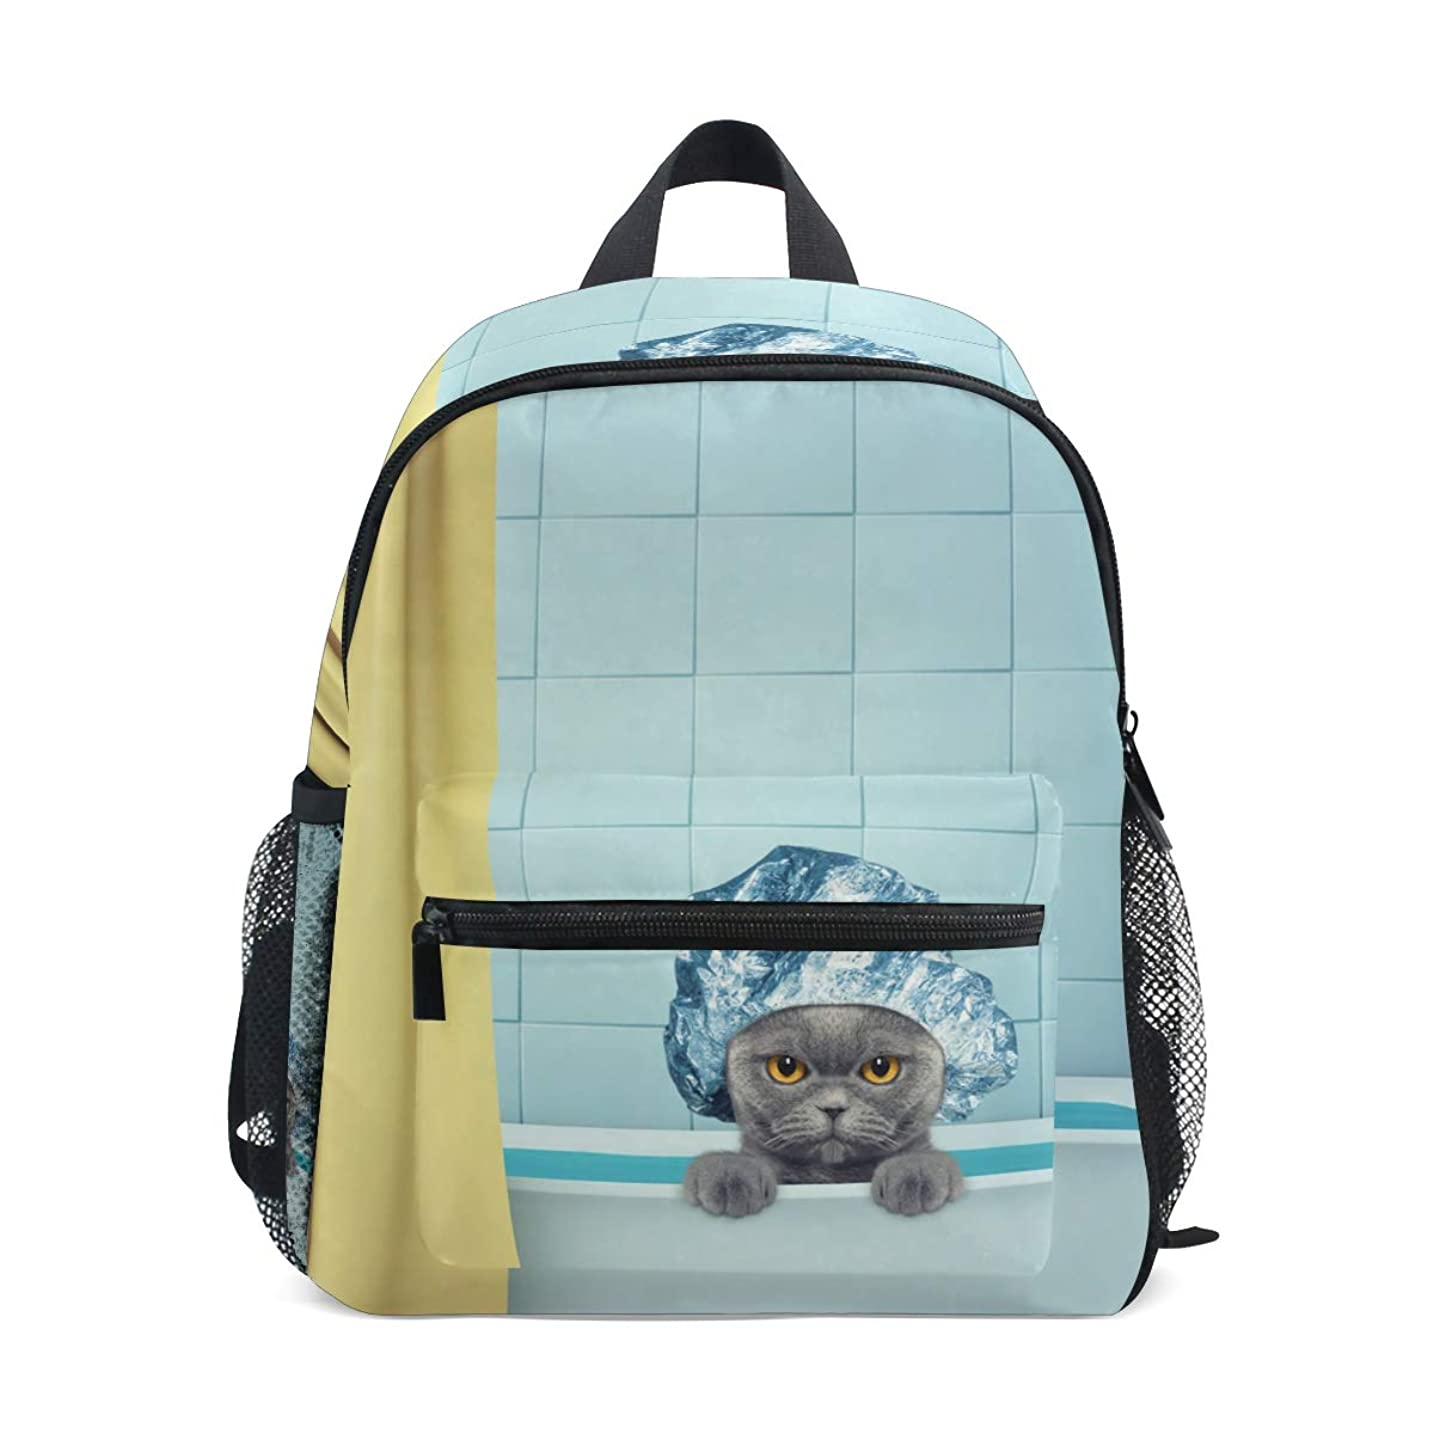 宿題シーサイド最高キッズ リュック2歳 3歳 4歳 5歳 リュックサック バックパック猫柄 ネコ 可愛い 面白い 小サイズ ジュニア通学 バッグ 通園 遠足 デイバッグ 韓国 軽い 機能性 軽量 ポリエステル 撥水加工